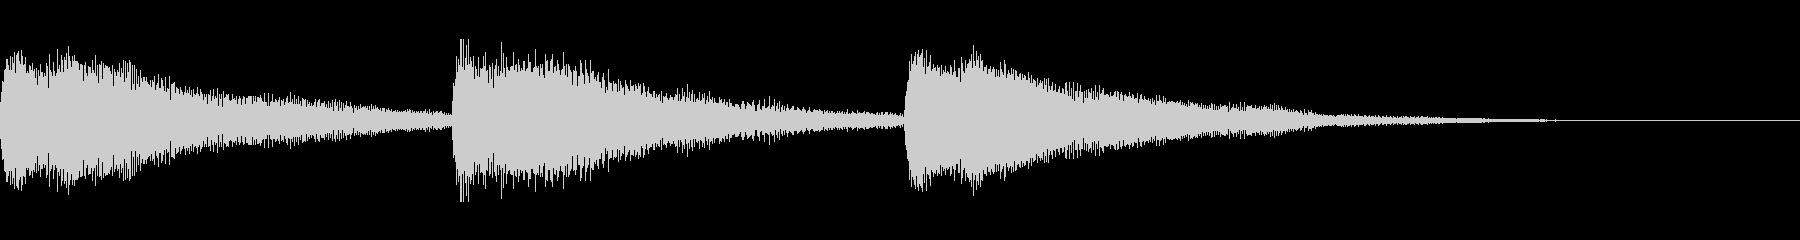 ピアノ お辞儀・礼の時の音1の未再生の波形